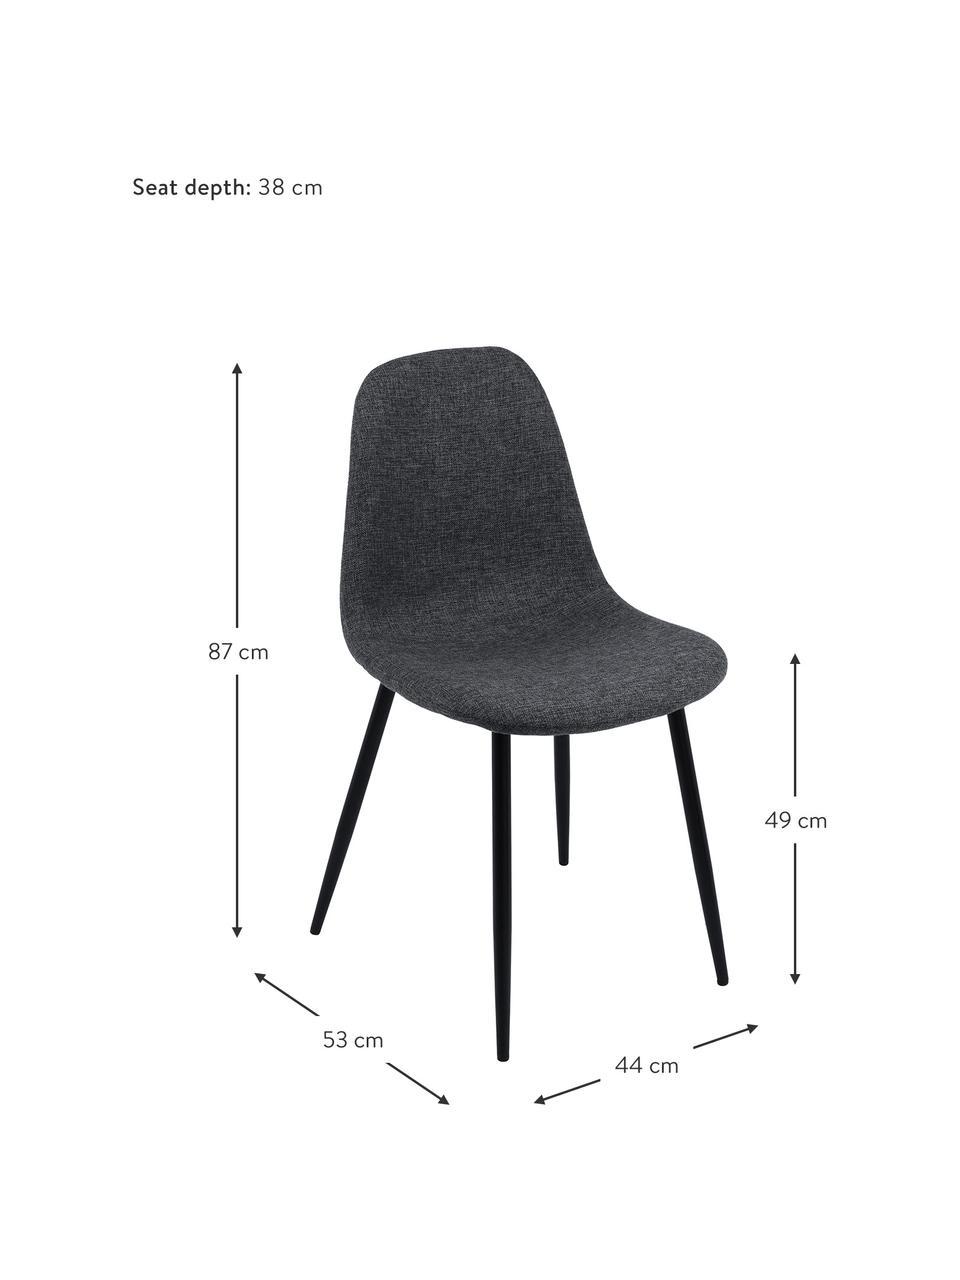 Chaise rembourrée Karla, 2pièces, Tissu gris foncé, pieds noir